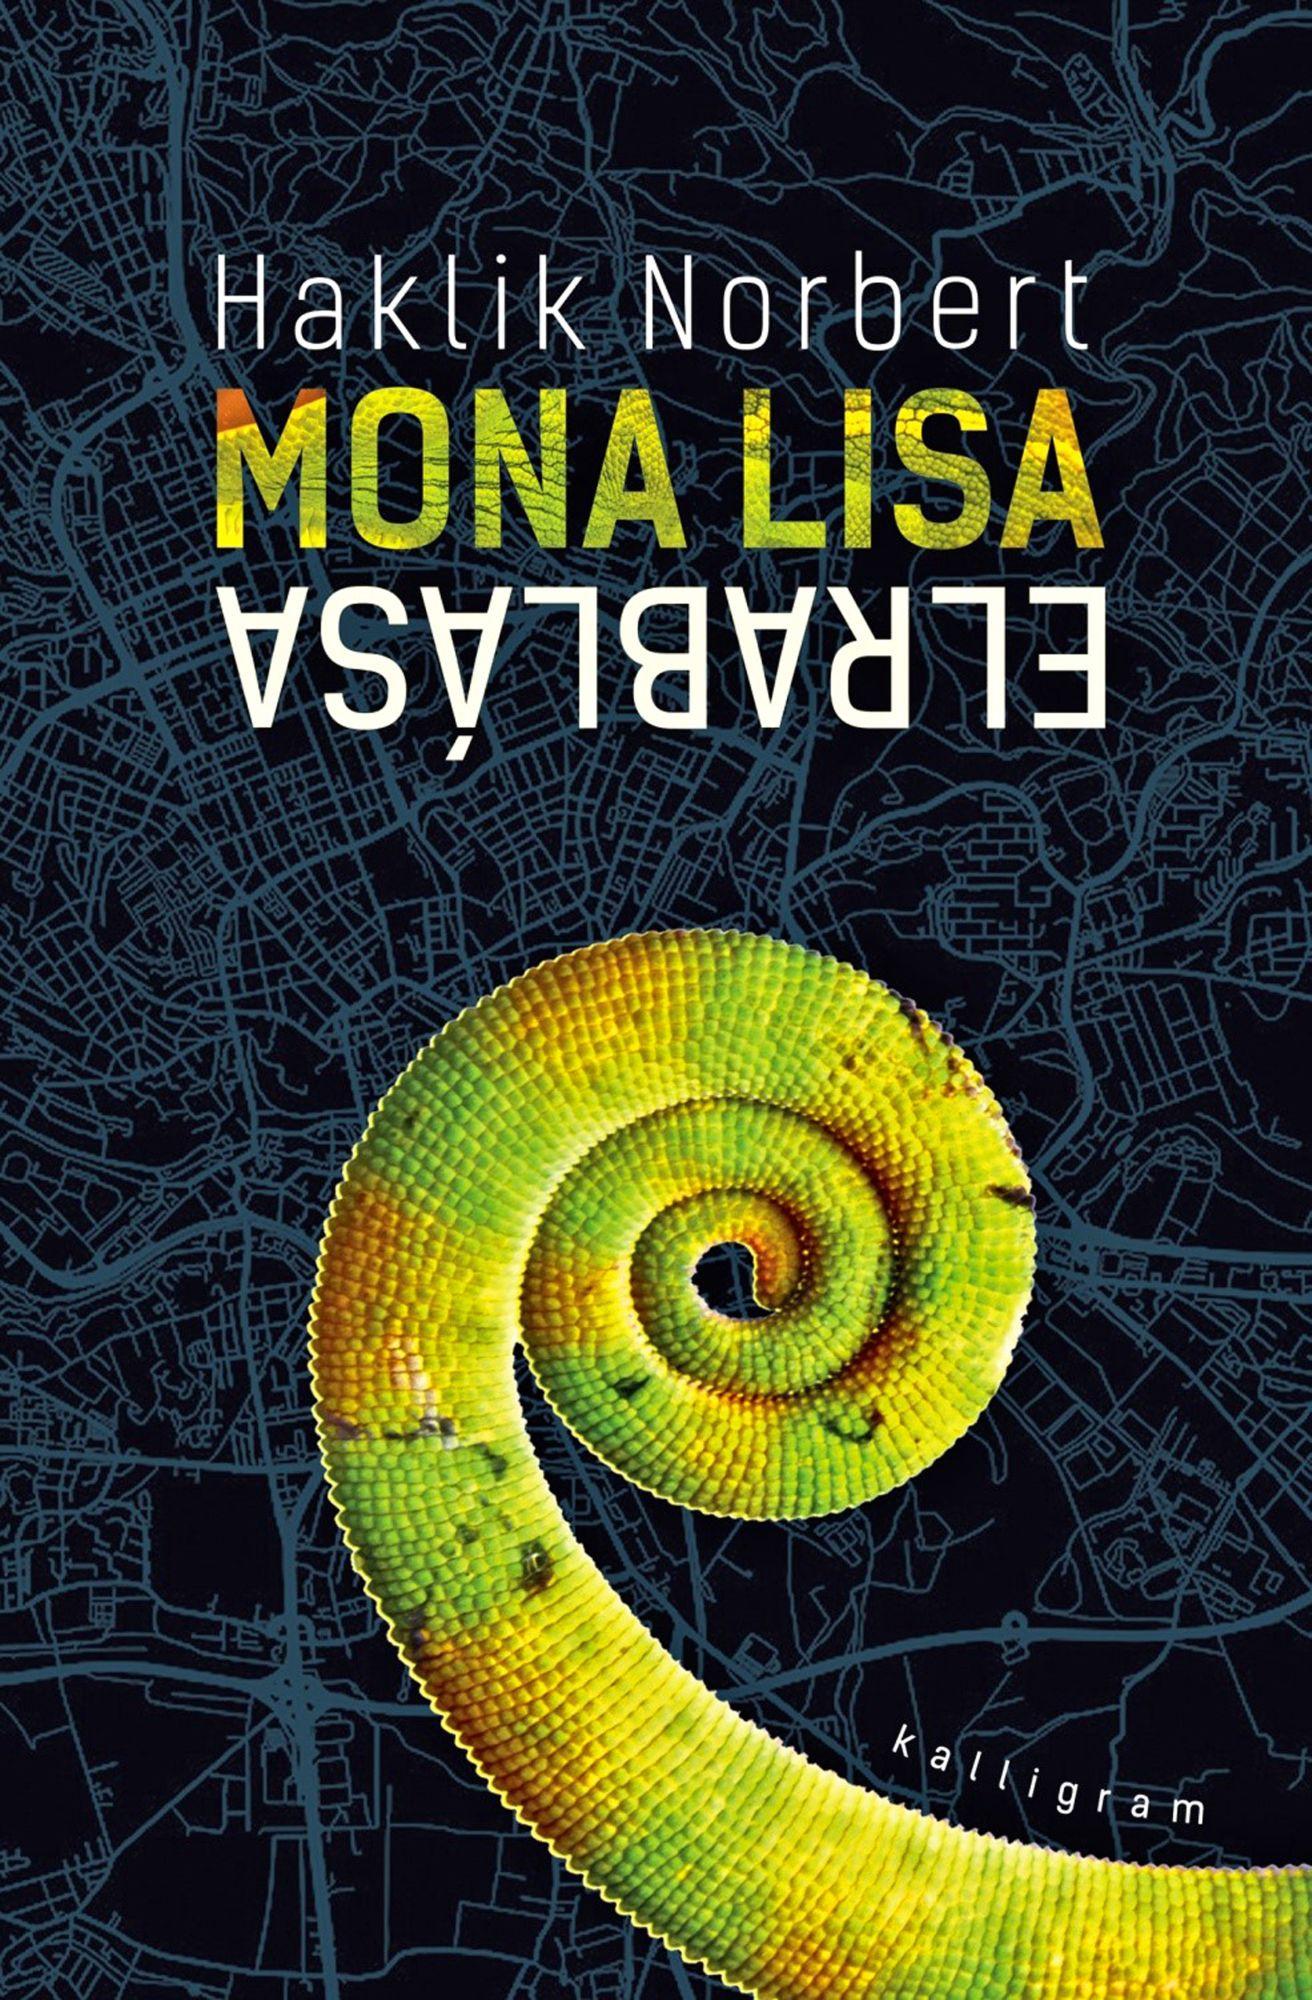 Haklik Norbert: Mona Lisa elrablása